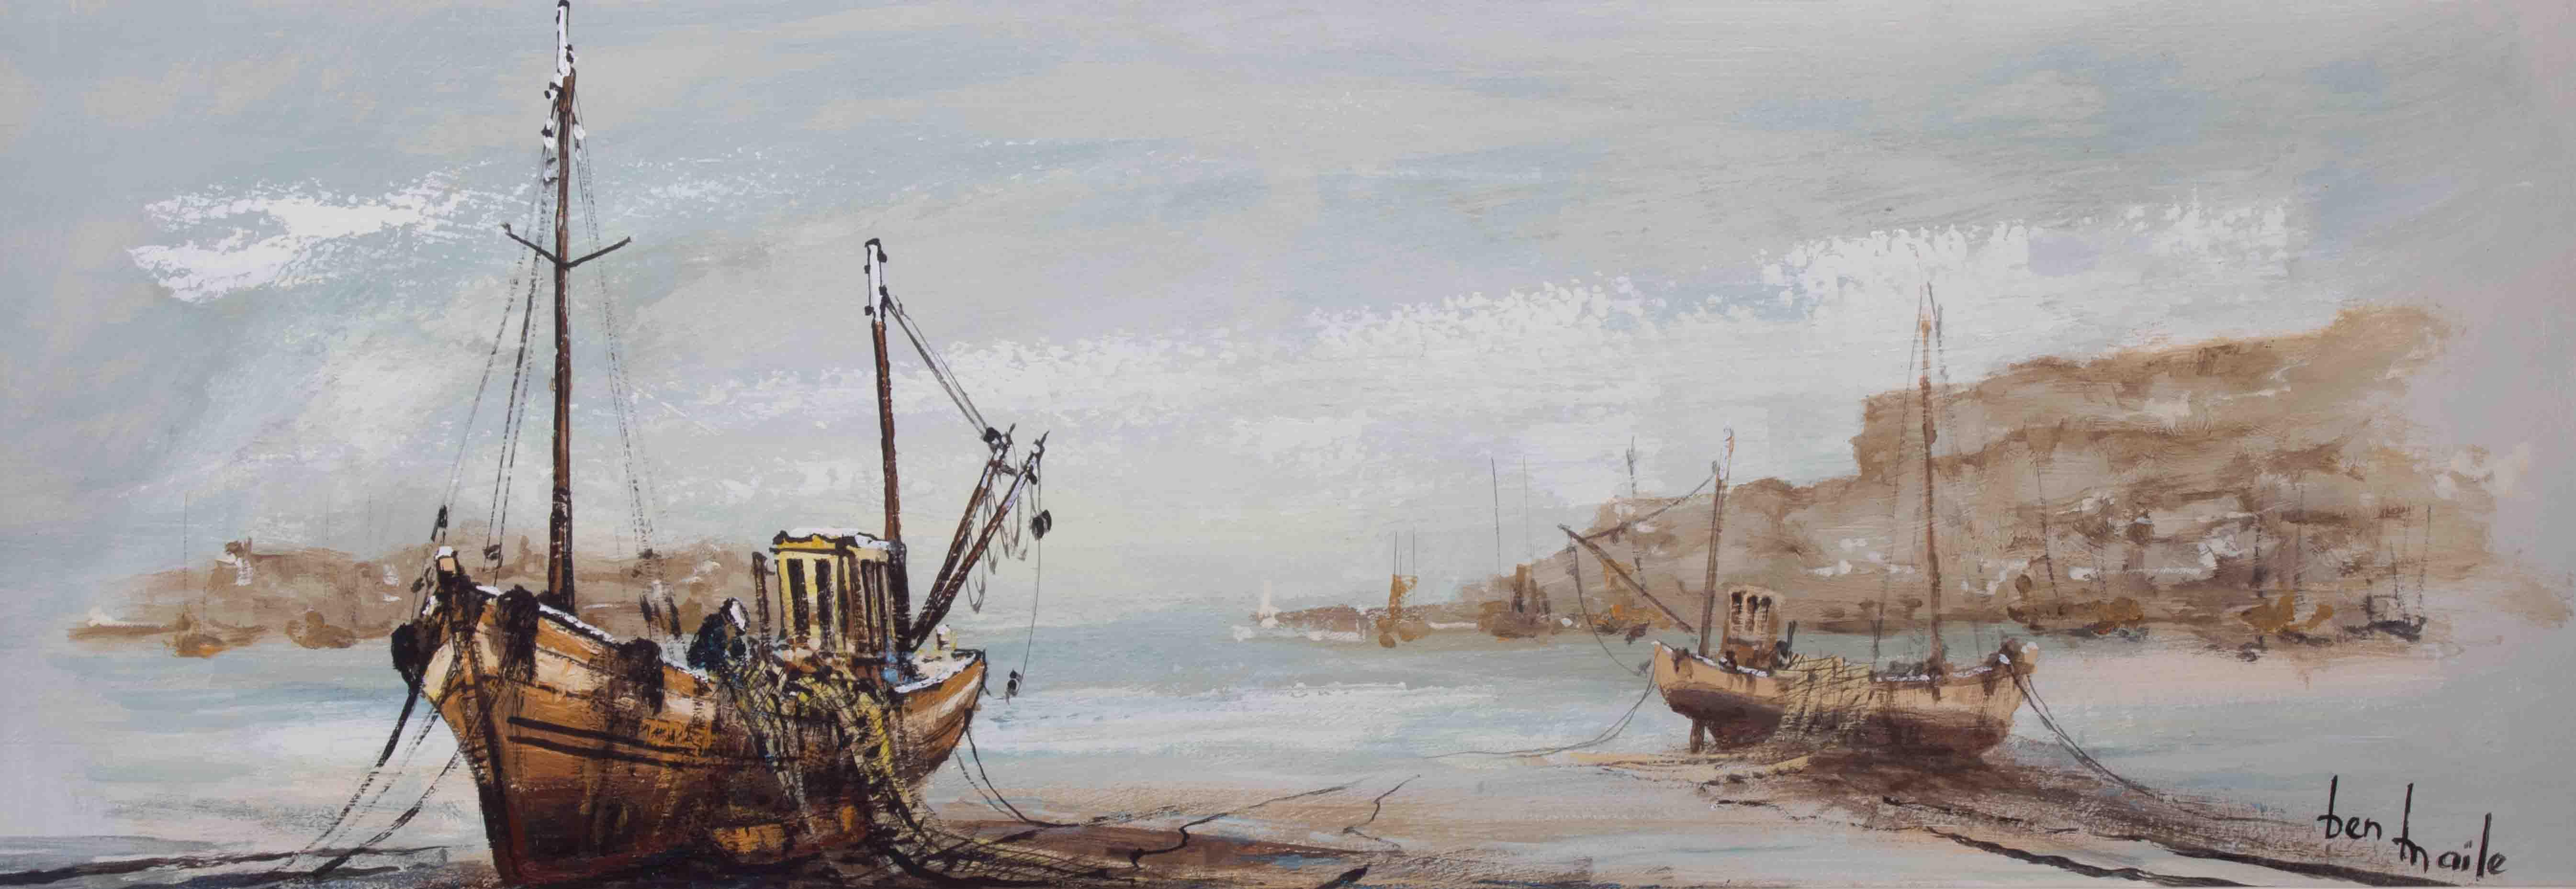 Ben Maile (1922-2017), 'Boats' oil on board, signed, 28cm x 82cm, framed. - Image 2 of 2